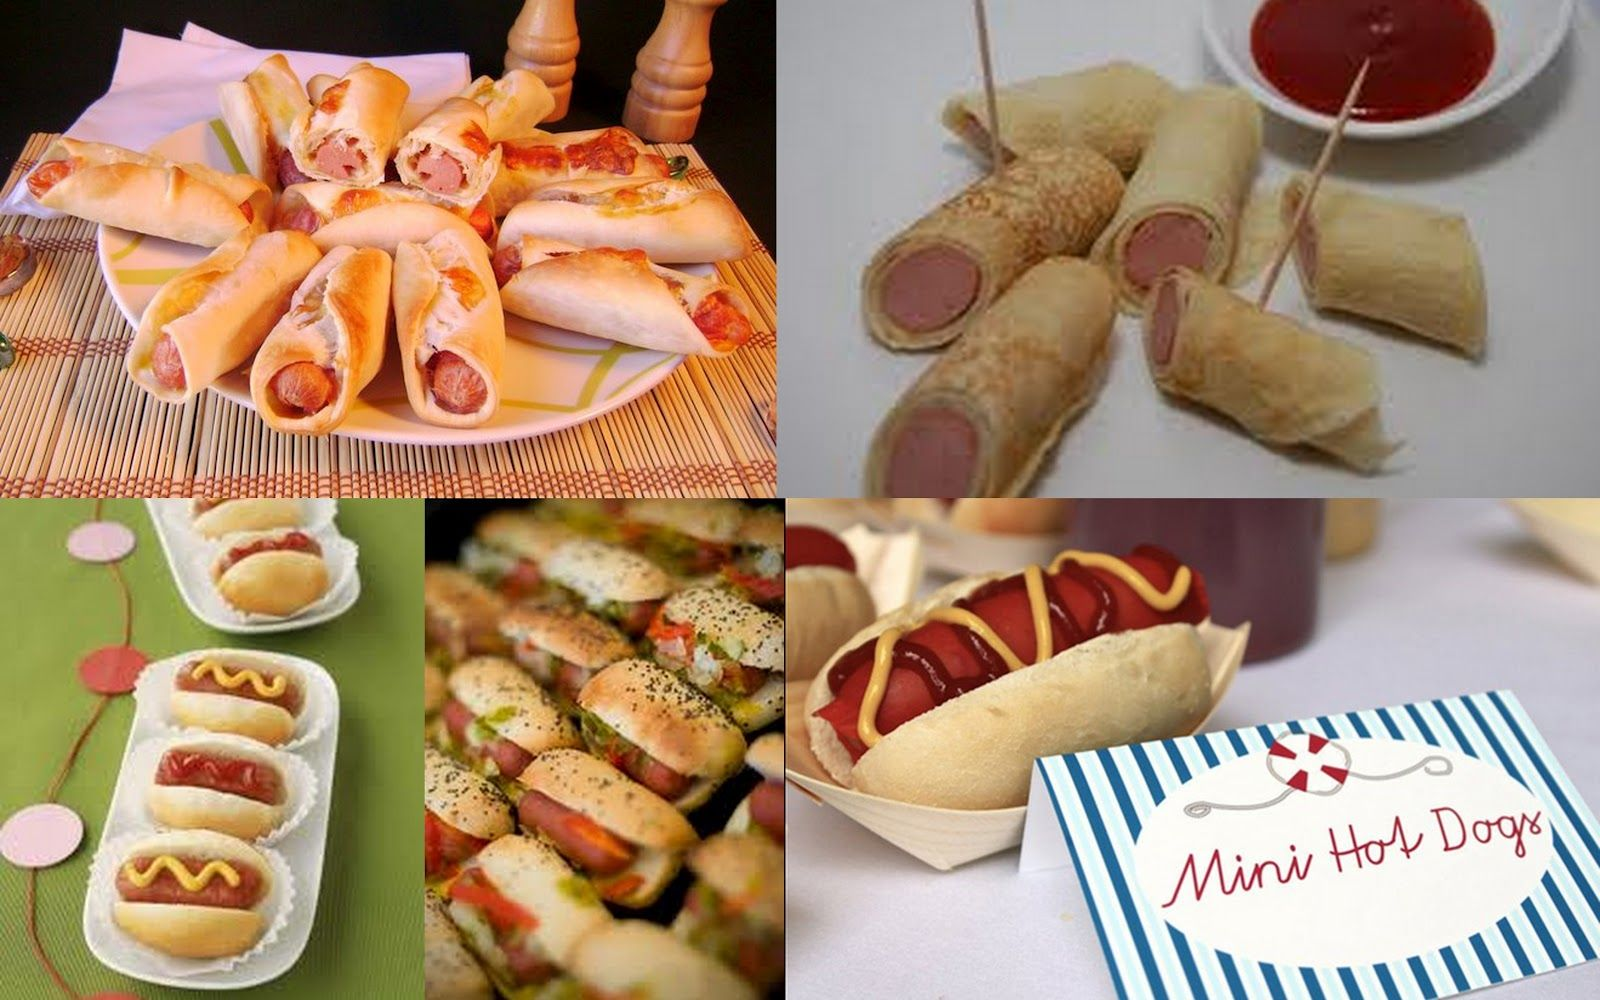 Fiestas con encanto Ideas fciles y divertidas de comida para una